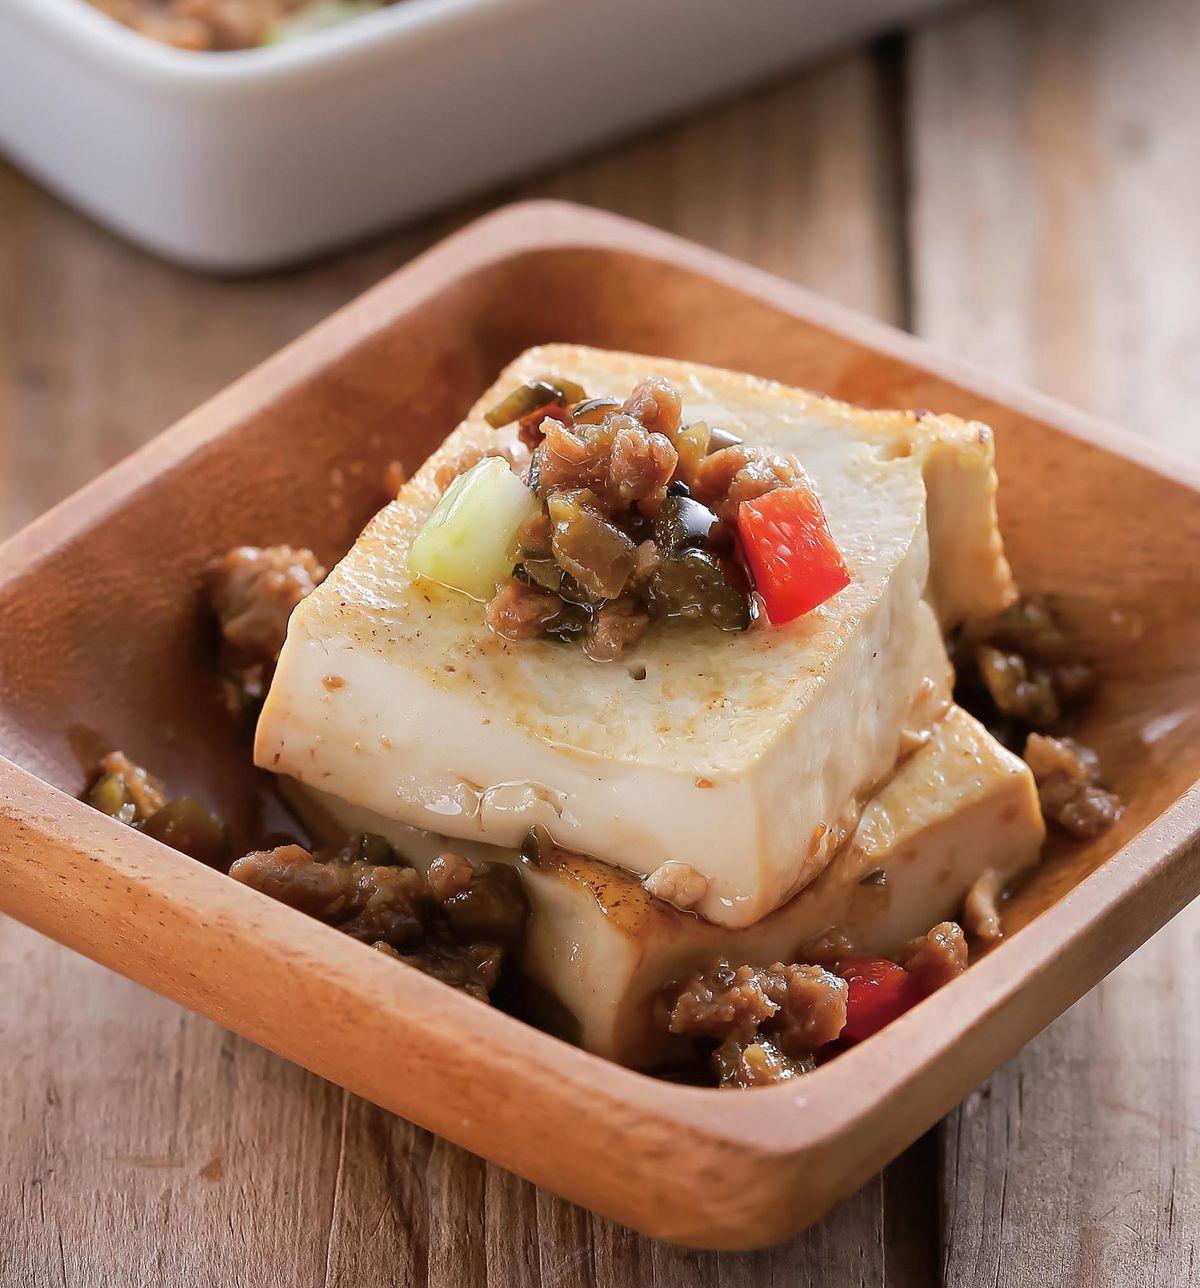 食譜:瓜仔素肉燒豆腐